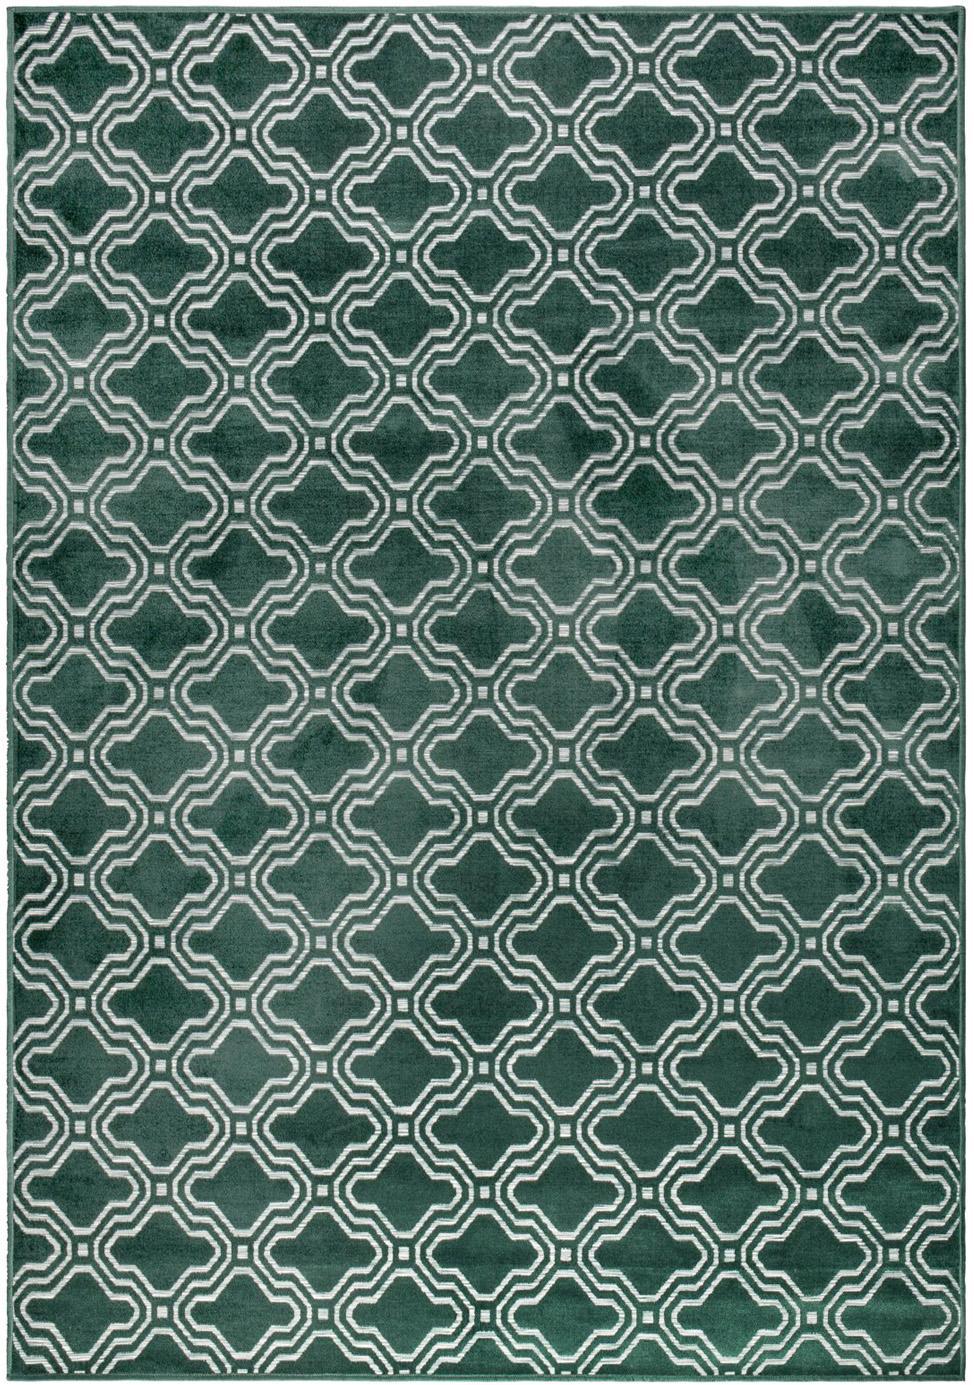 Vloerkleed Feike met hoog-diep effect in donkergroen, Bovenzijde: 52%viscose, 36%katoen, , Onderzijde: synthetisch rubber, Groen, 160 x 230 cm